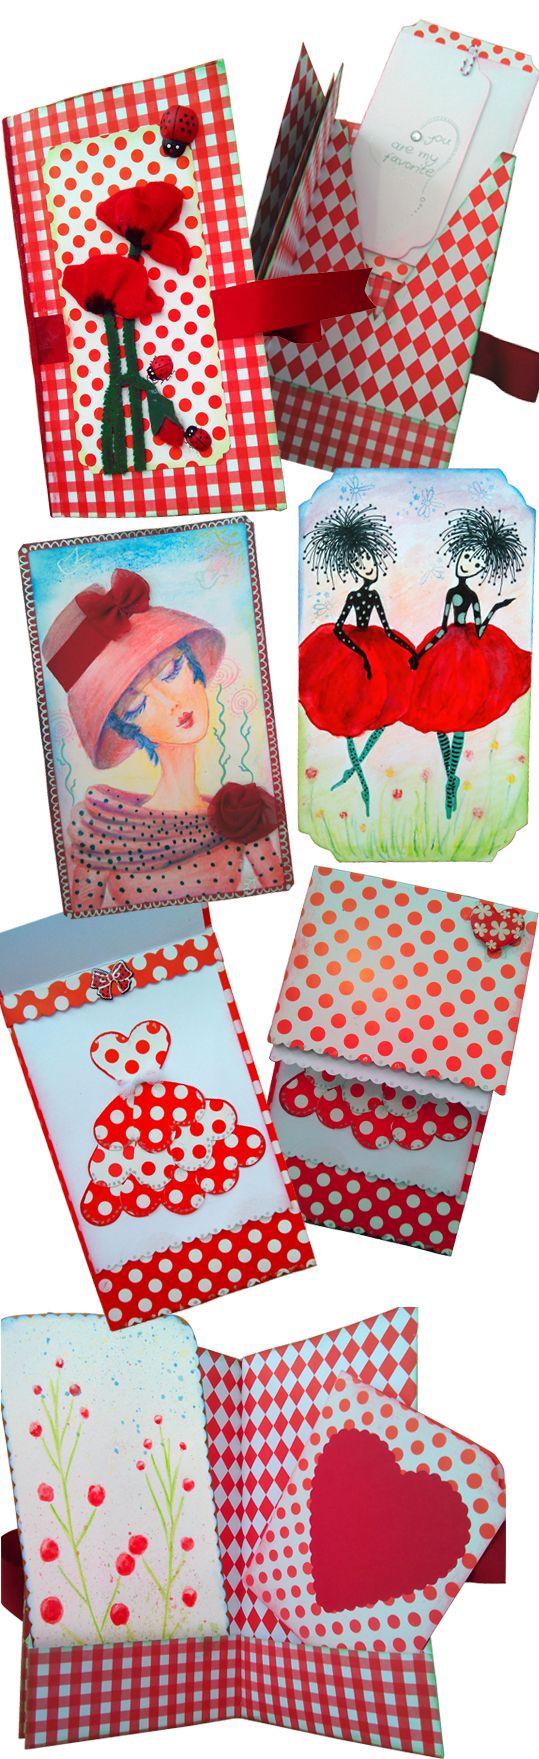 poppies mini album